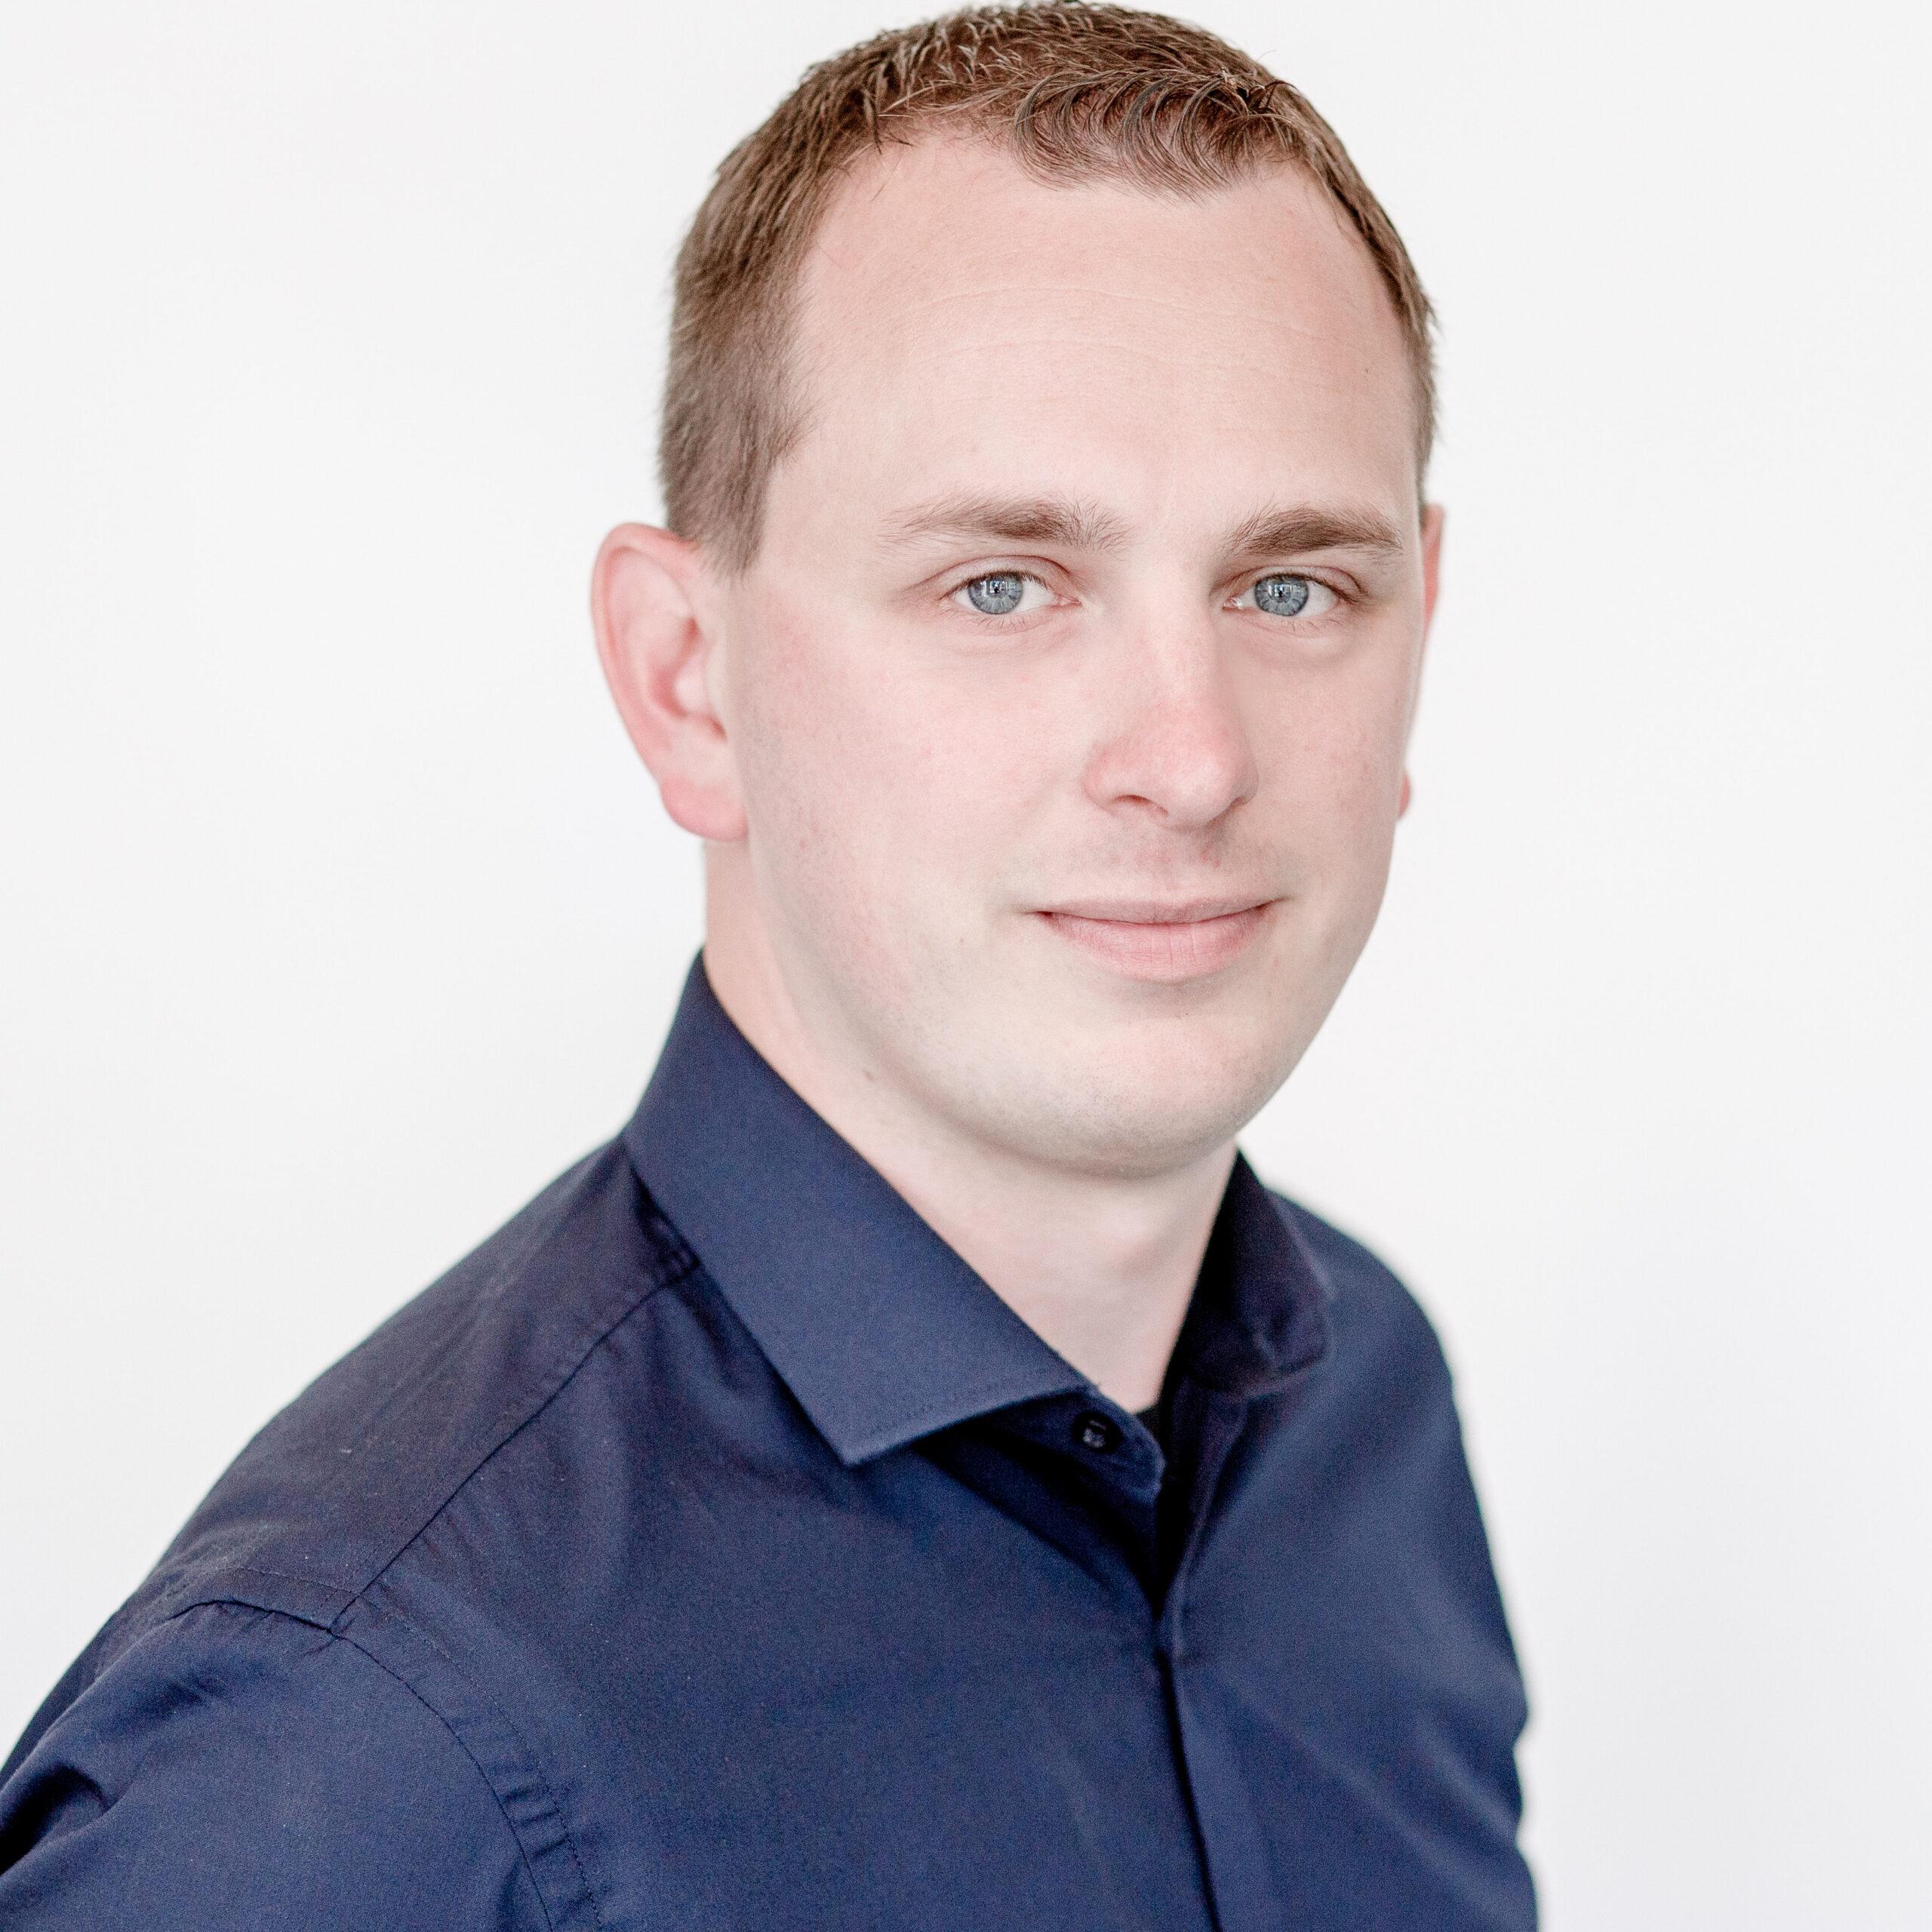 Mike Jongeling